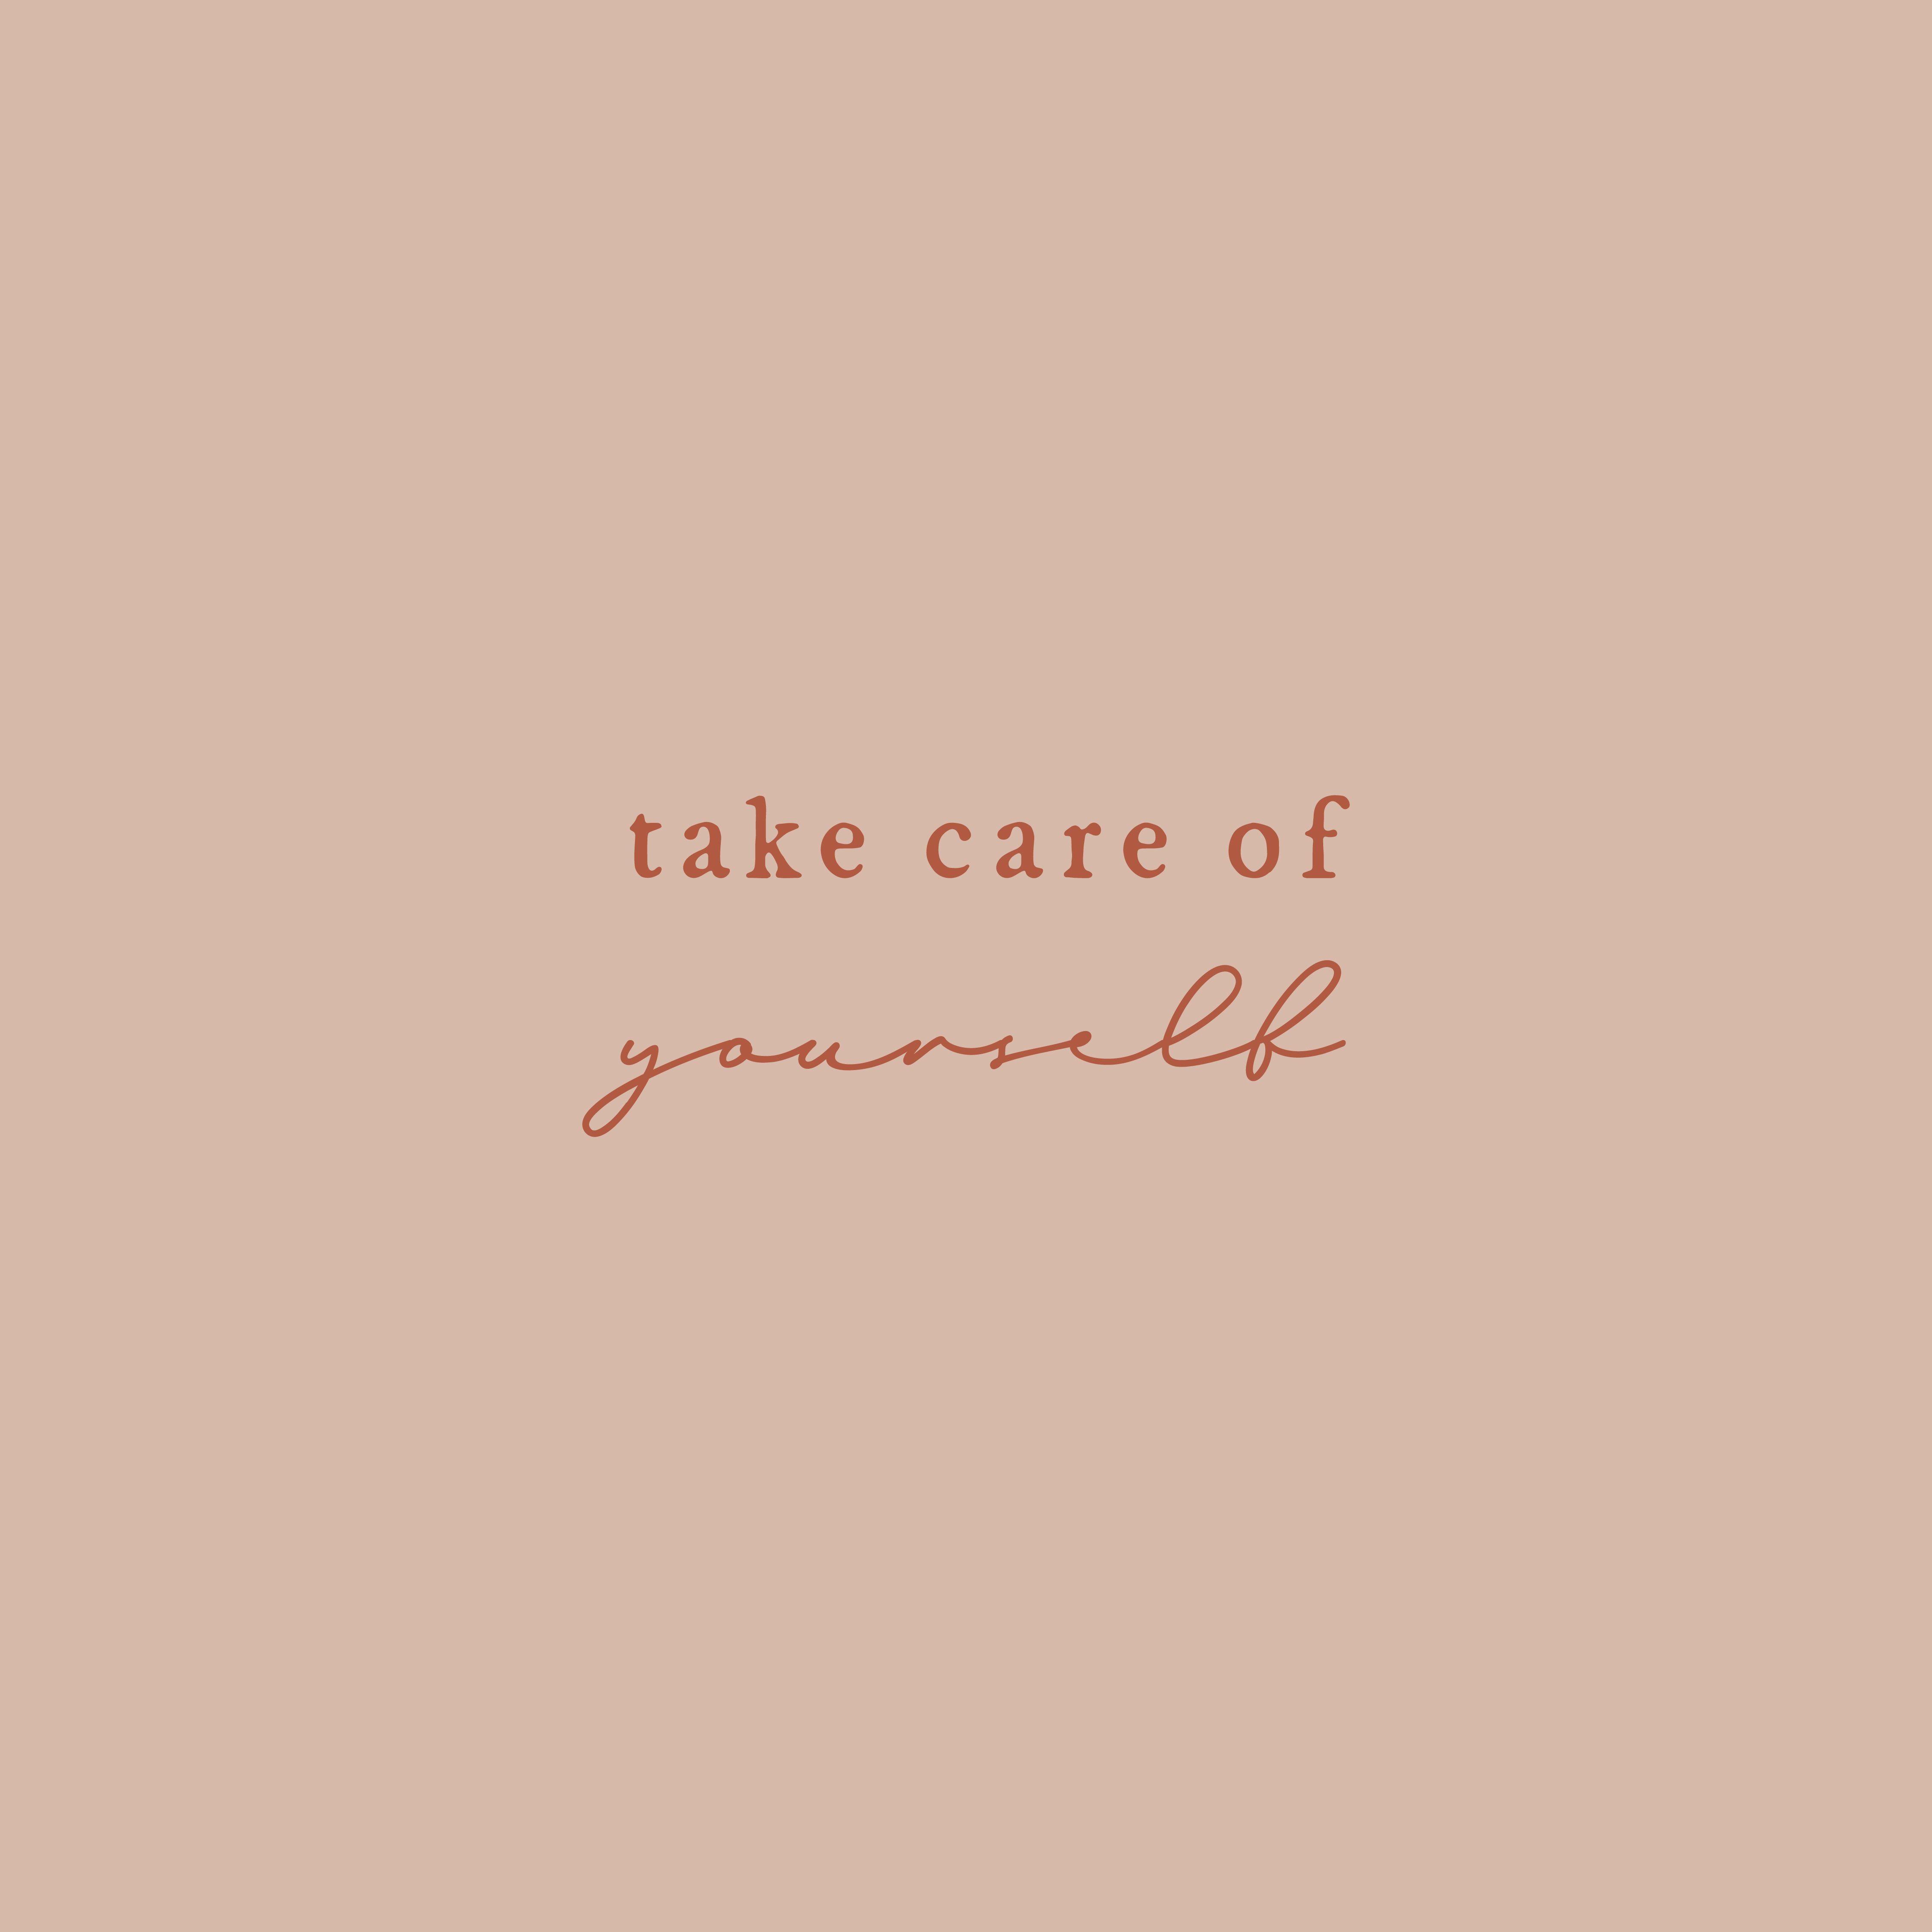 Yoga Instagram Posts, Instagram Post Quotes, Mindfulness Meditation Instagram Posts, Yoga Blogger Instagram Presets, Social media posts